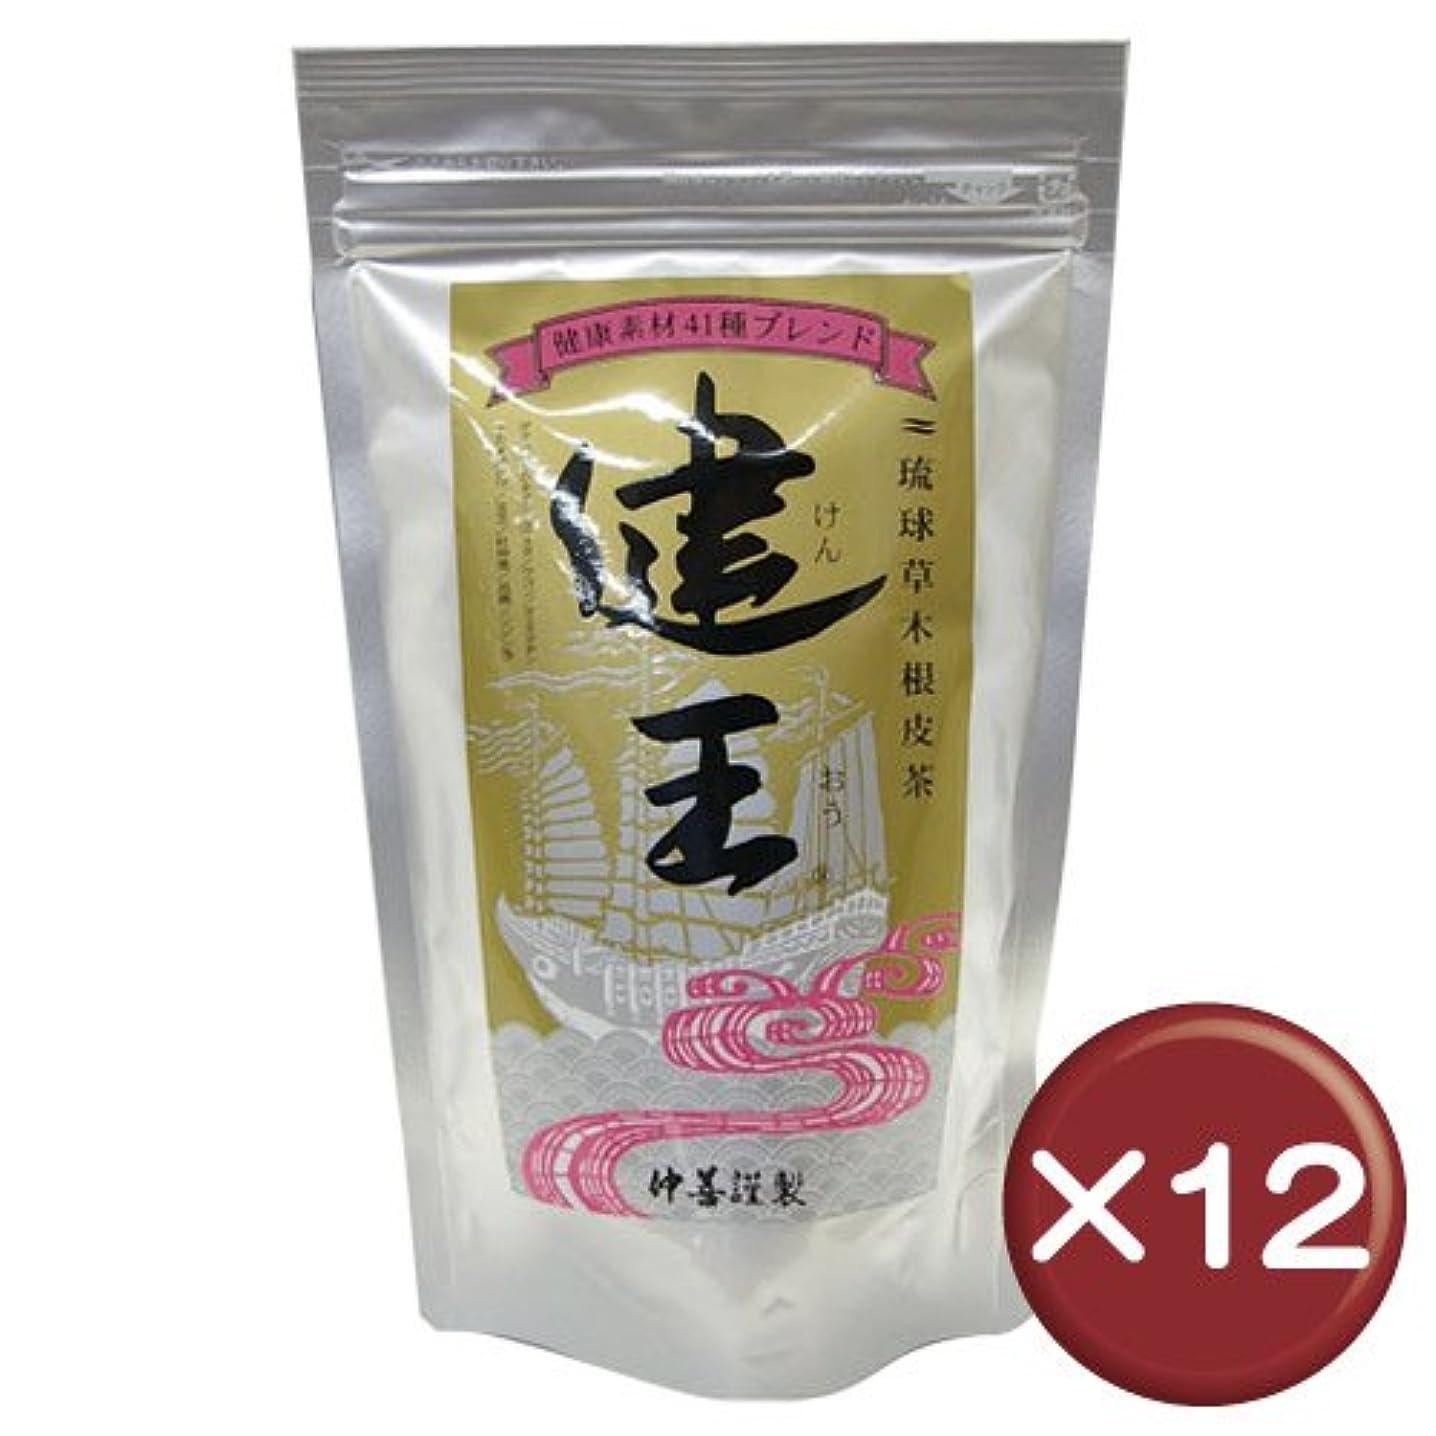 むしろ交渉するホールドオール琉球草木根皮茶 健王 ティーバッグ 2g×30包 12袋セット